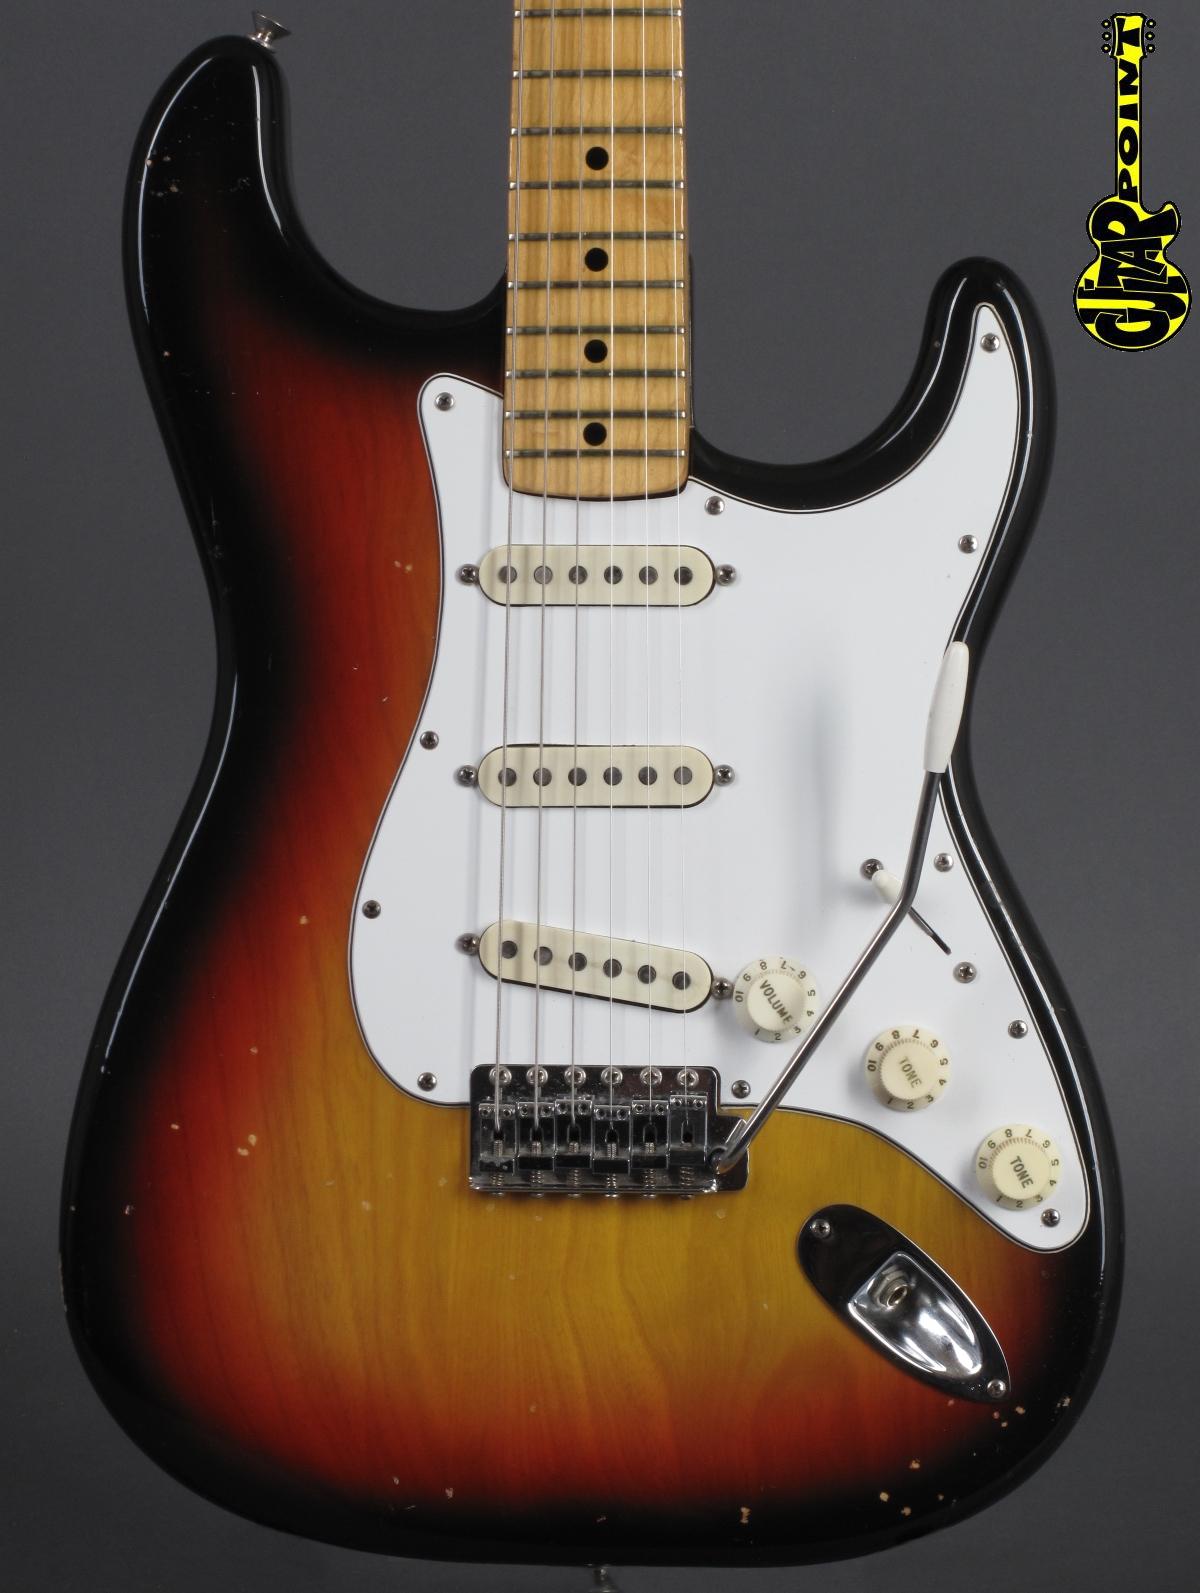 1977 Fender Stratocaster - 3-tone Sunburst